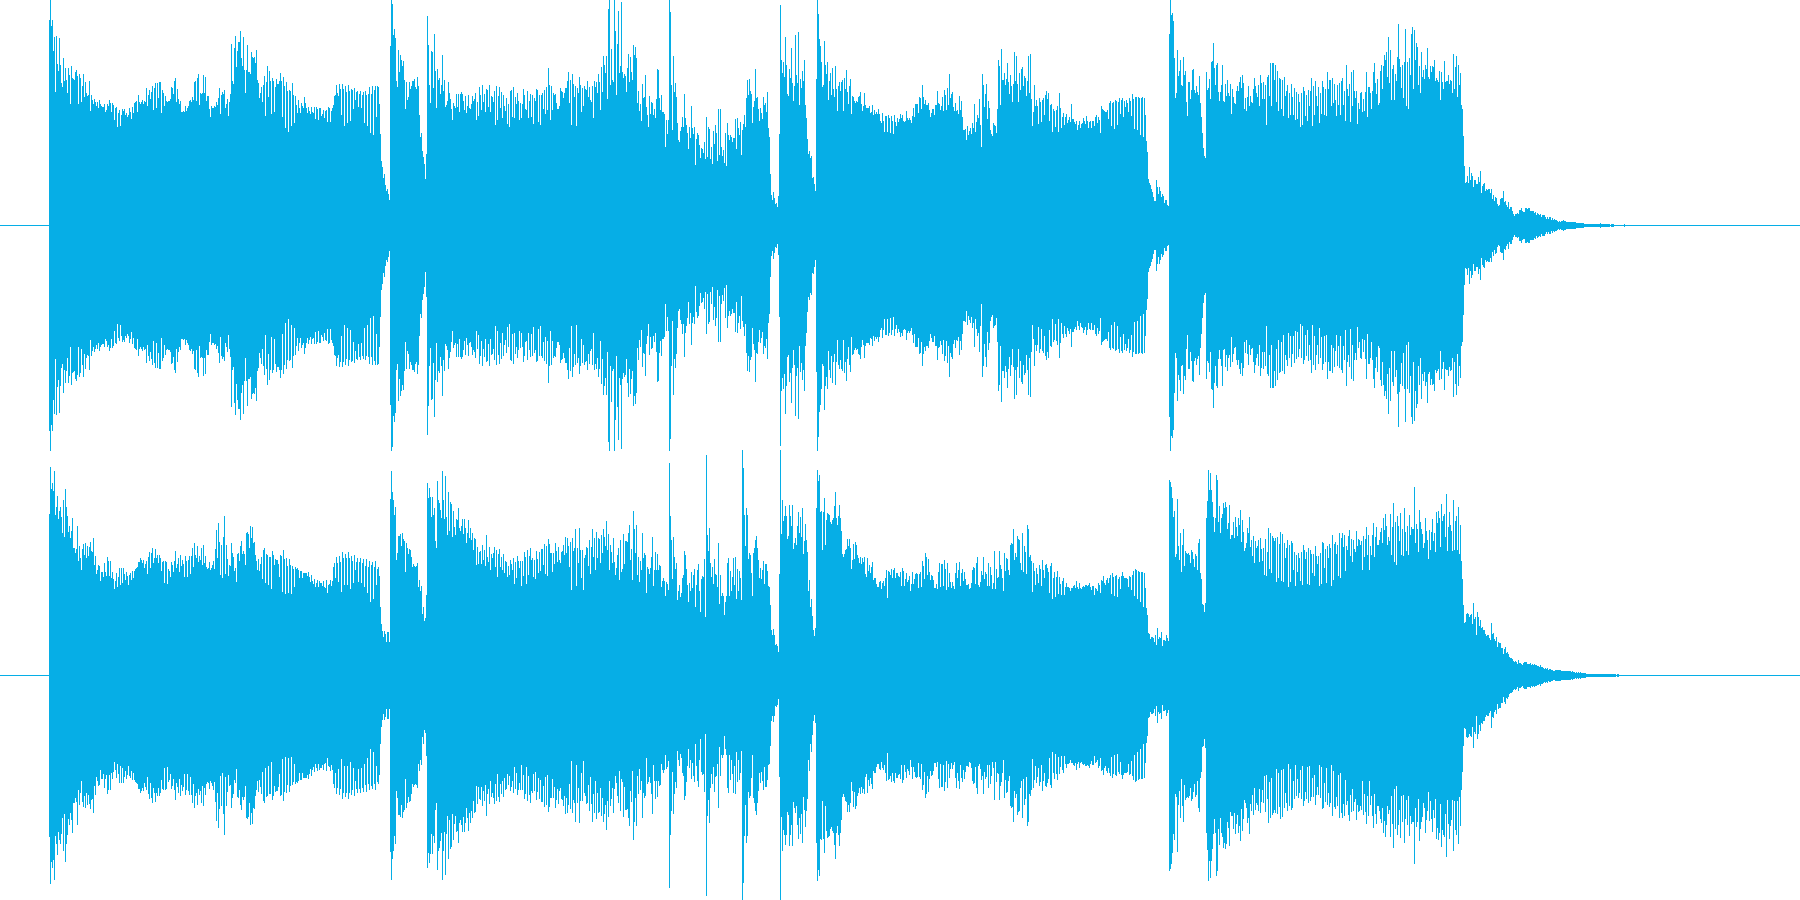 シンセとドラムの音で構成された短いSEの再生済みの波形